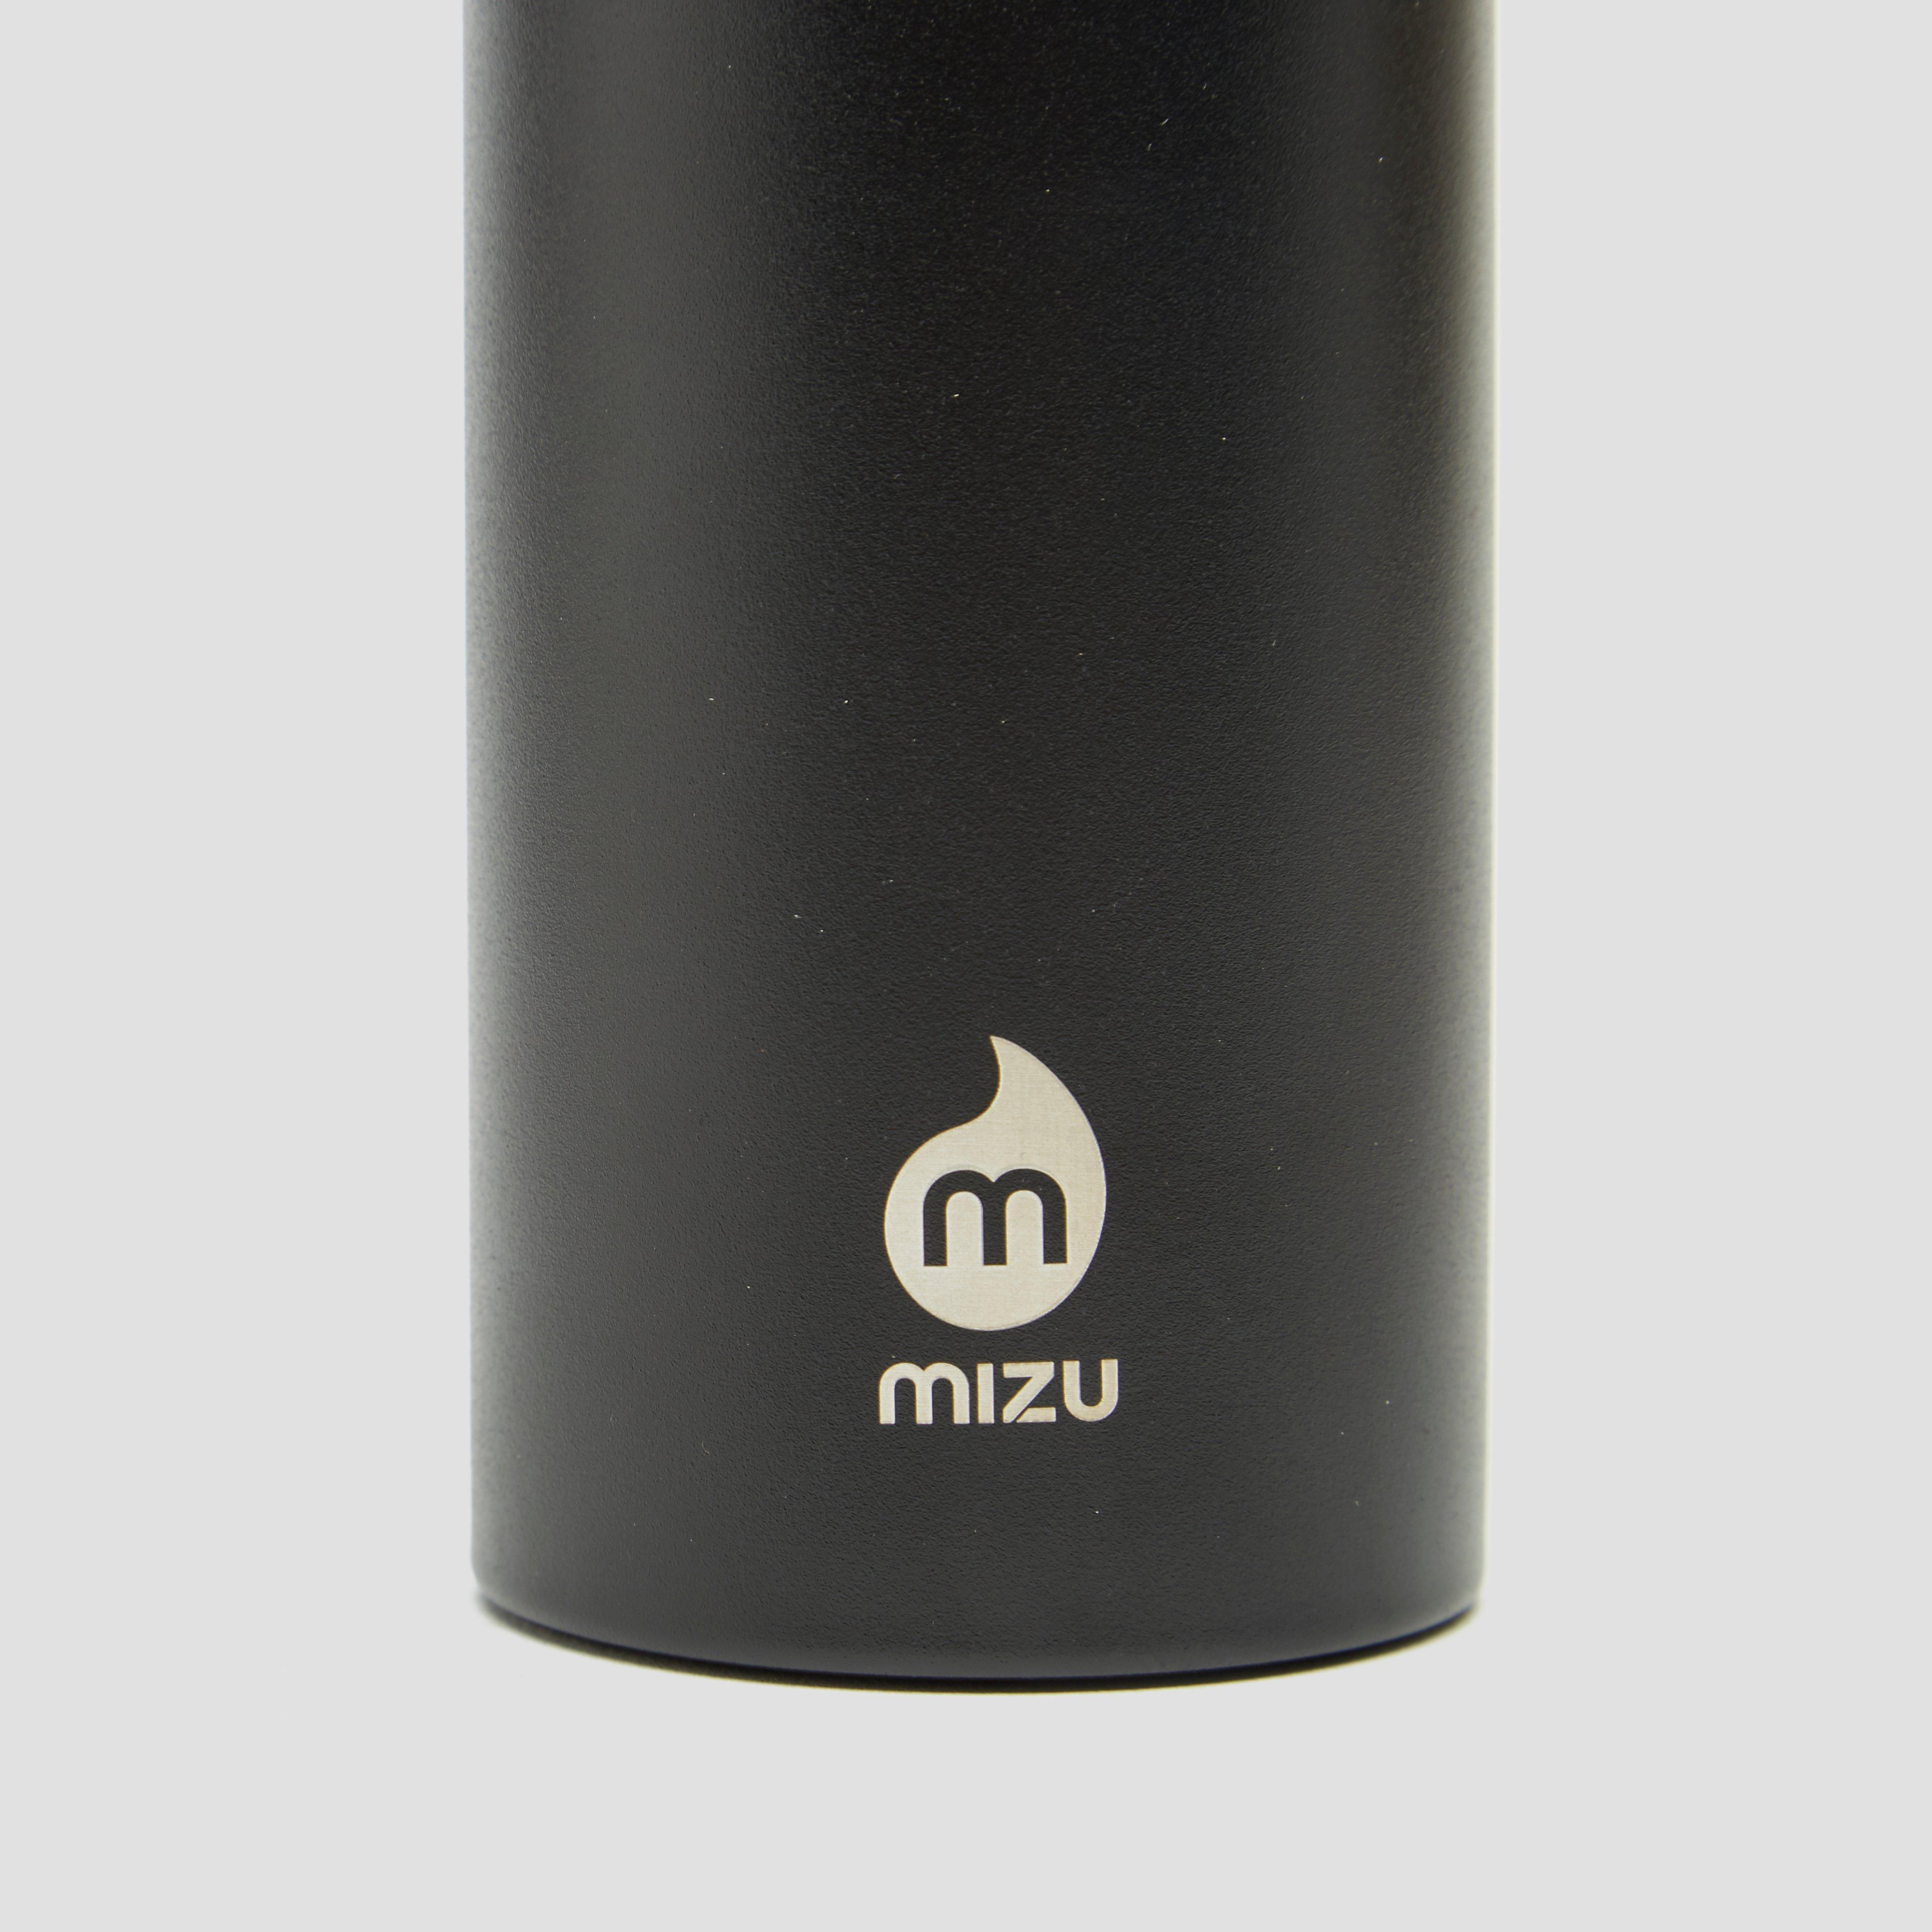 MIZU MIZU S4 FLES ZWART